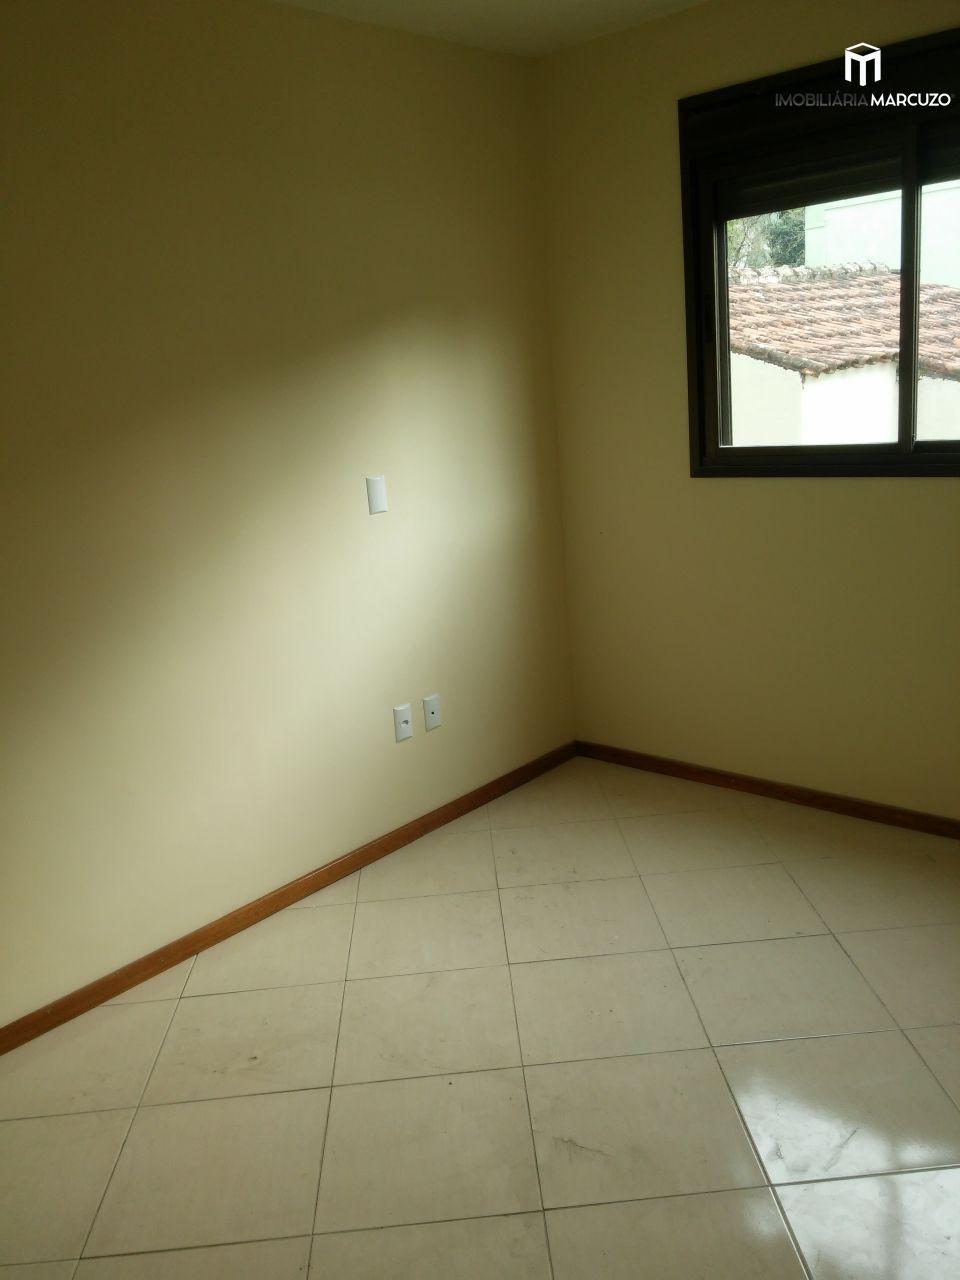 Apartamento com 2 Dormitórios à venda, 72 m² por R$ 275.600,00